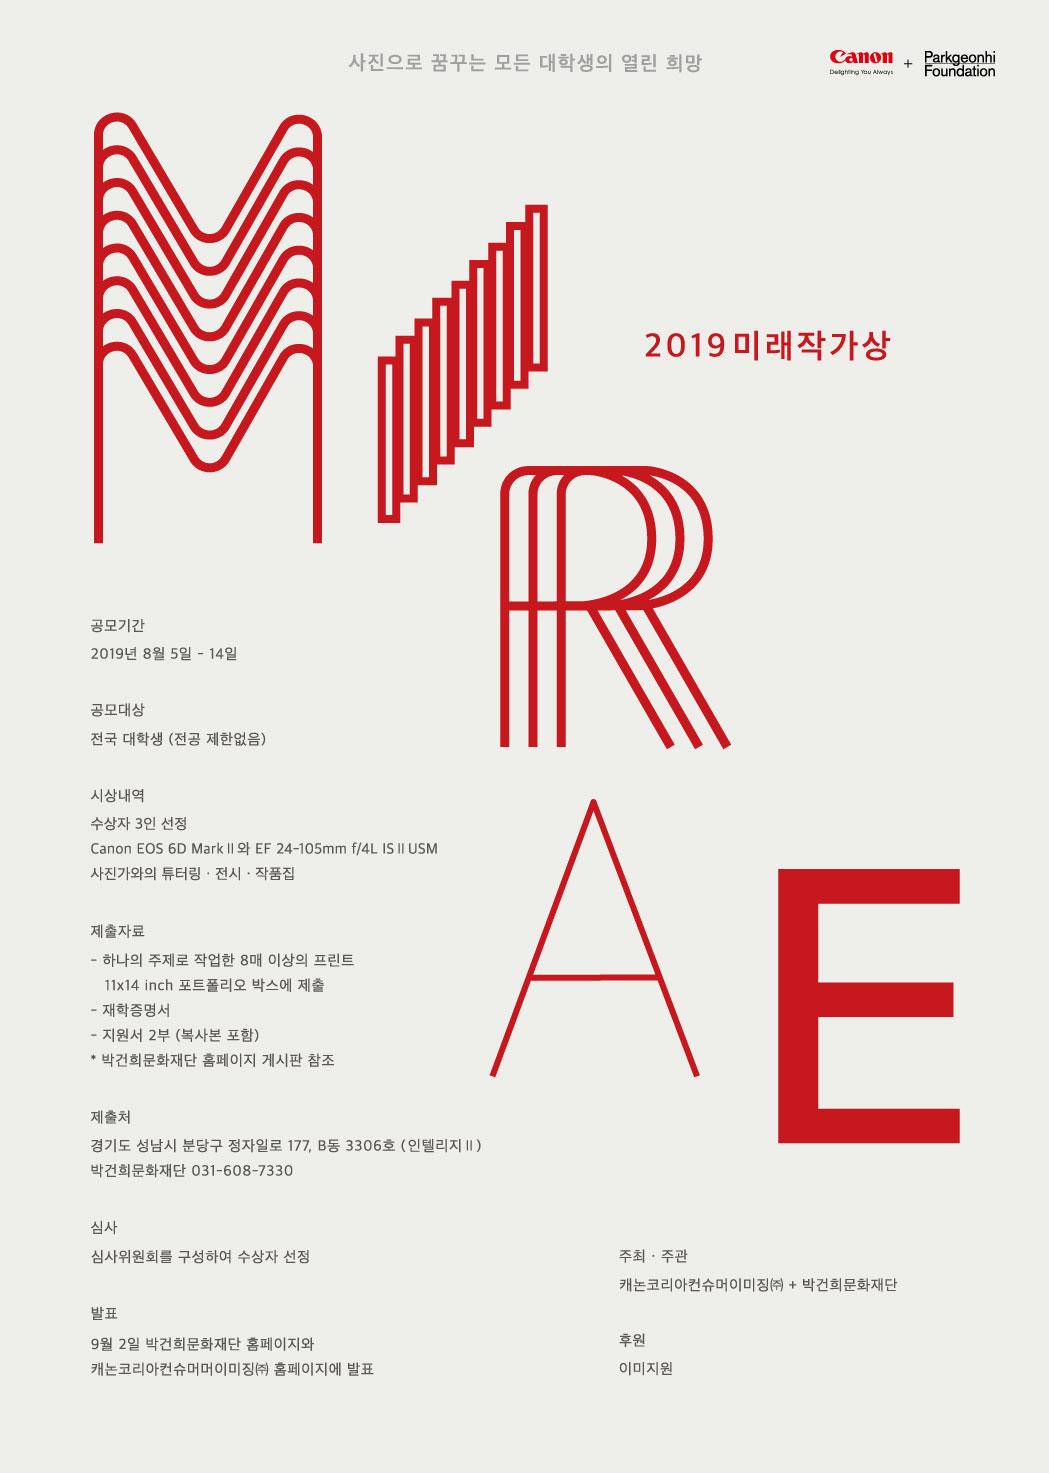 2019-미래작가상-공모-포스터